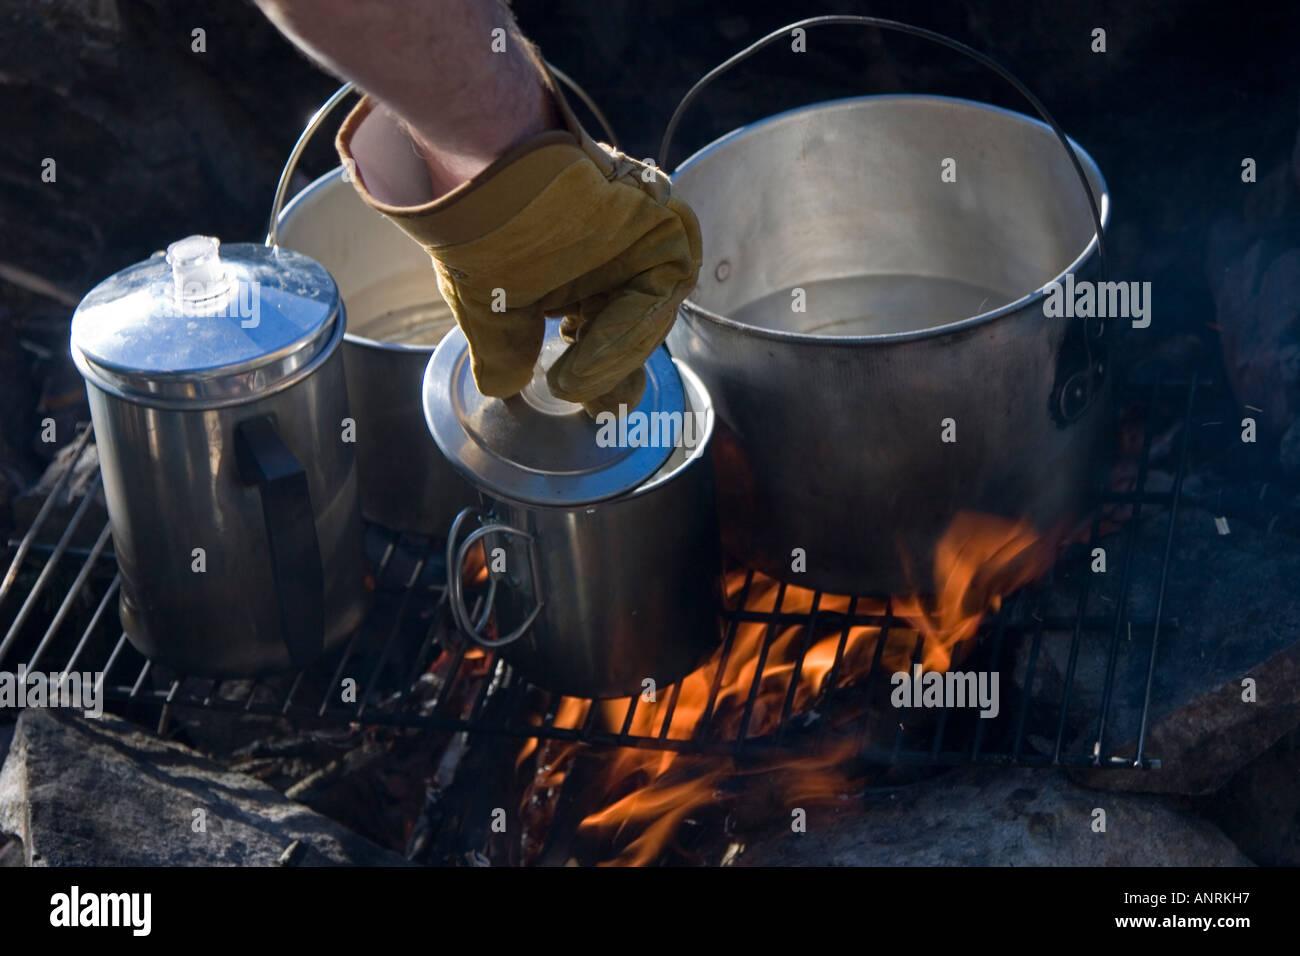 El Parque Provincial Quetico Ontario fuego para cocinar en el camping camping viaje en canoa Imagen De Stock